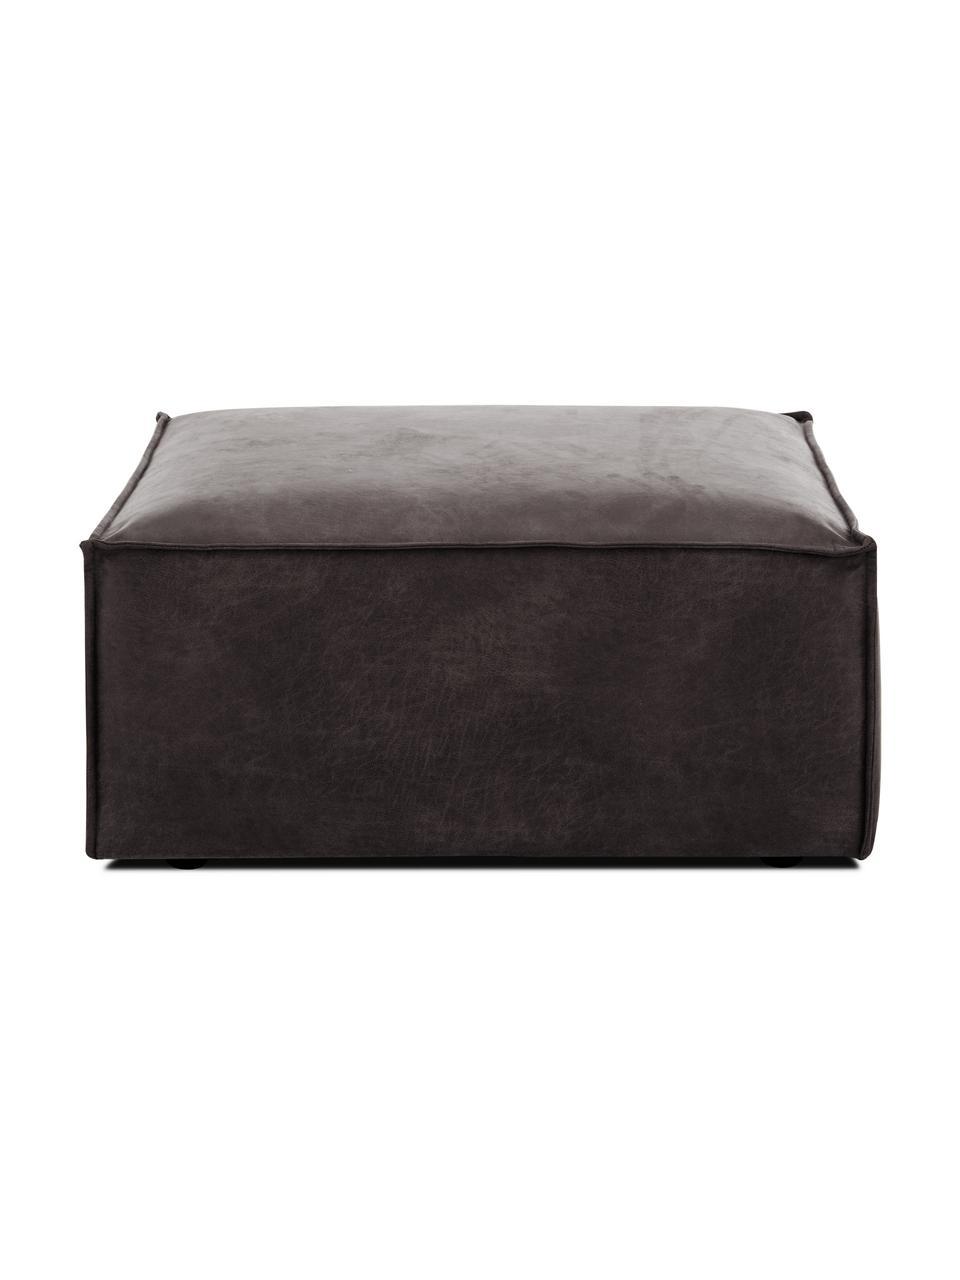 Puf ze skóry z recyklingu Lennon, Tapicerka: skóra pochodząca z recykl, Stelaż: lite drewno sosnowe, Stelaż: lite drewno sosnowe, skle, Nogi: tworzywo sztuczne/n Stopy, Skórzany szarobrązowy, S 88 x W 43 cm